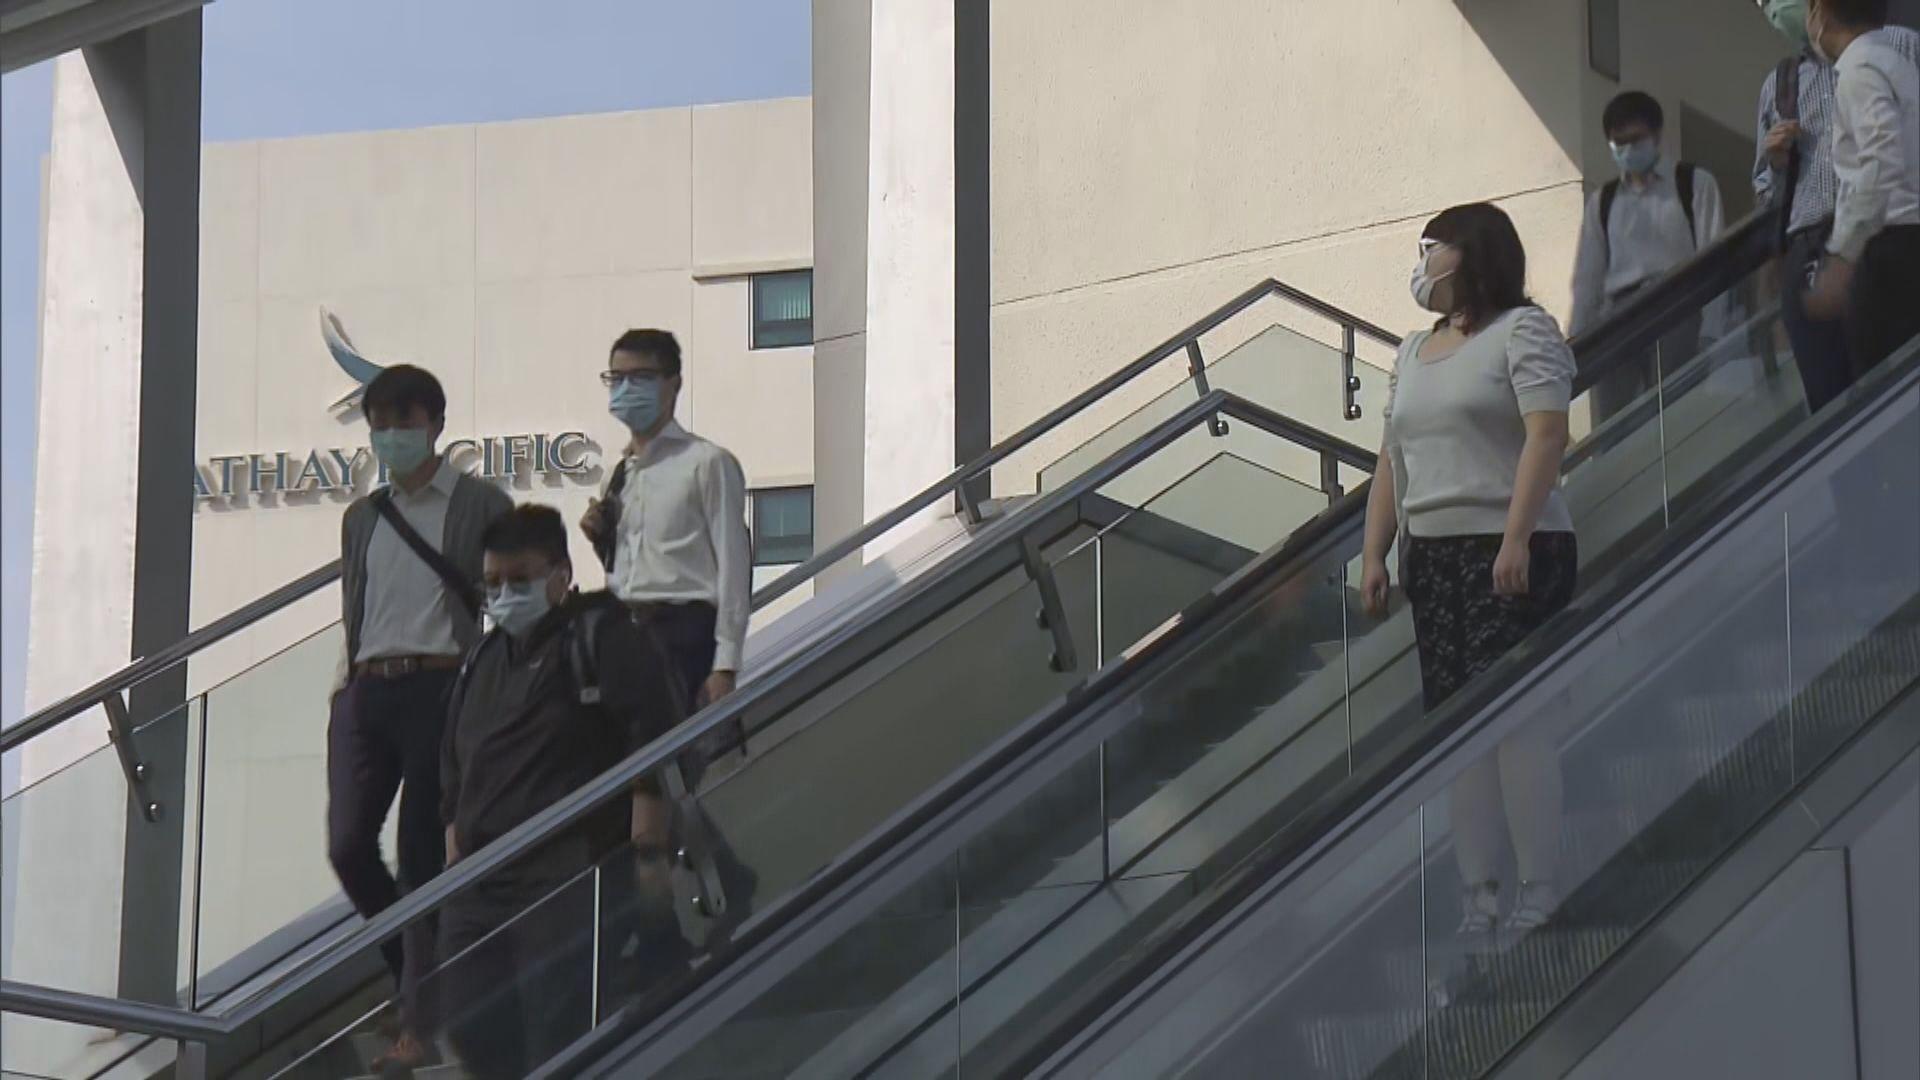 港龍航空空勤人員協會批國泰接受注資同時製造失業人口